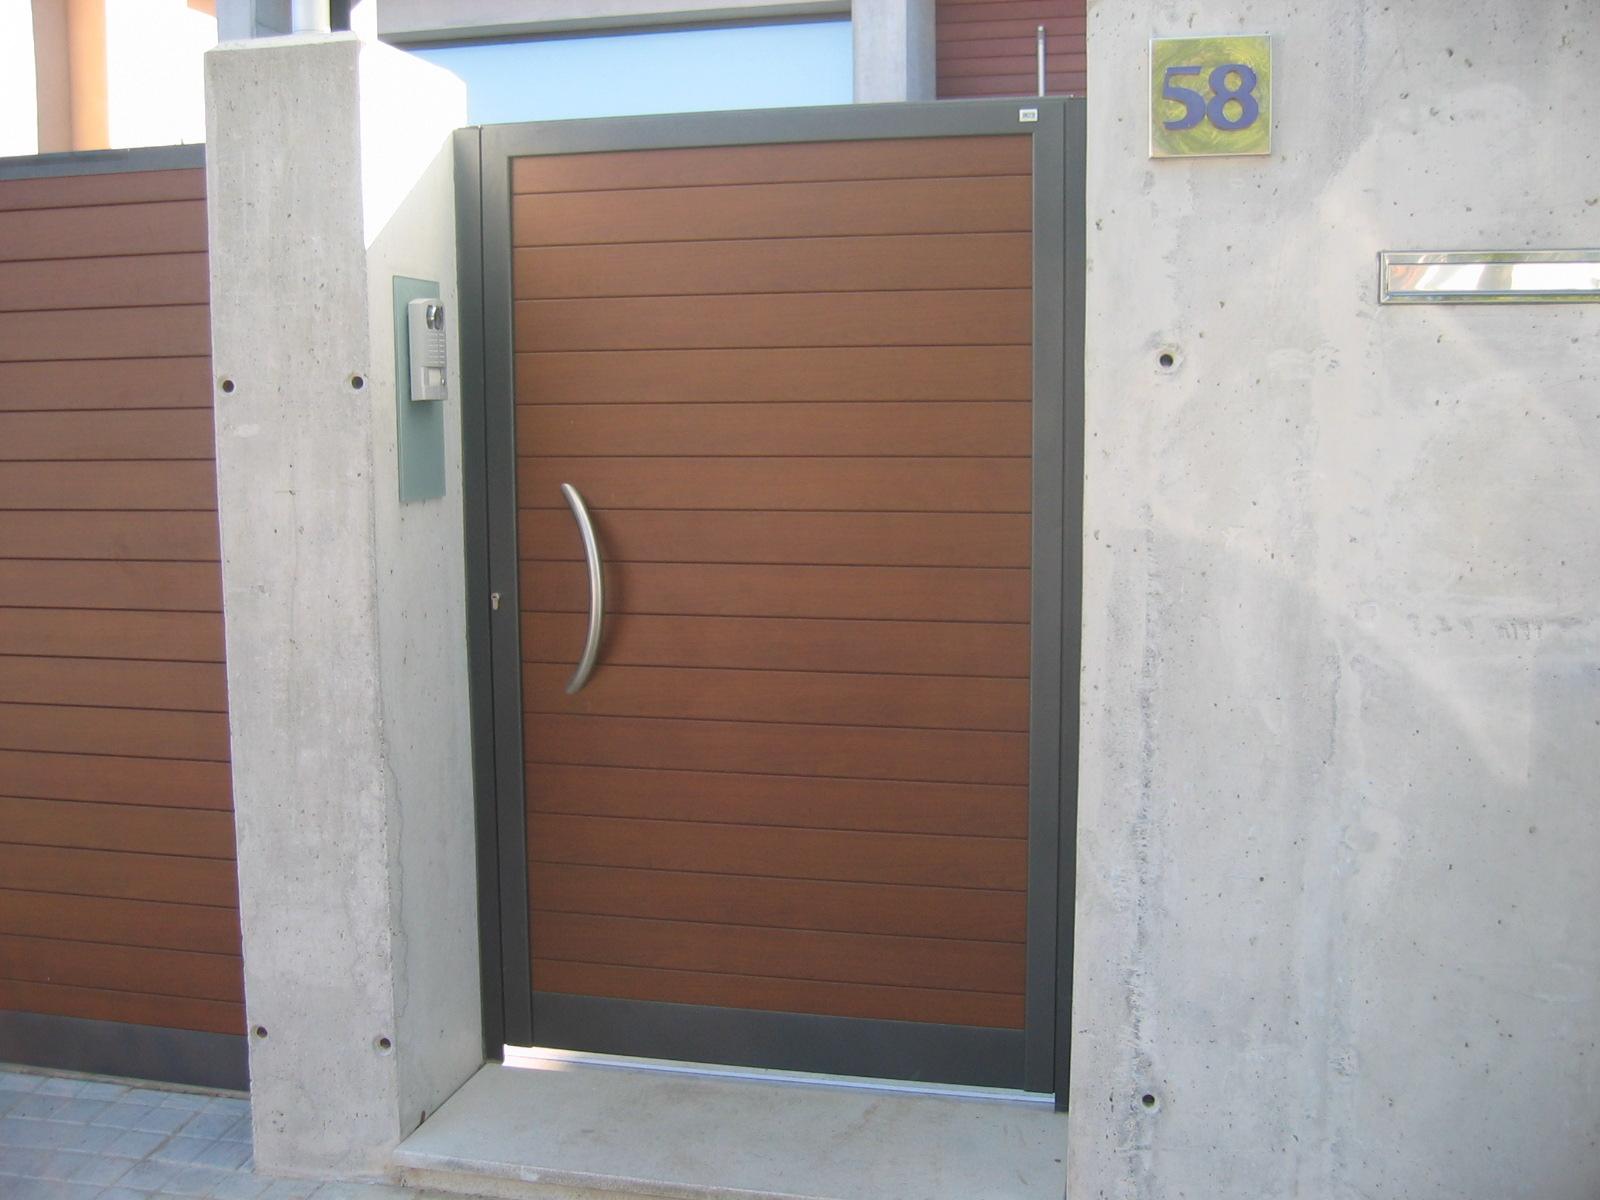 Ancesa puerta de aluminio para la entrada del jard n for Puerta entrada aluminio